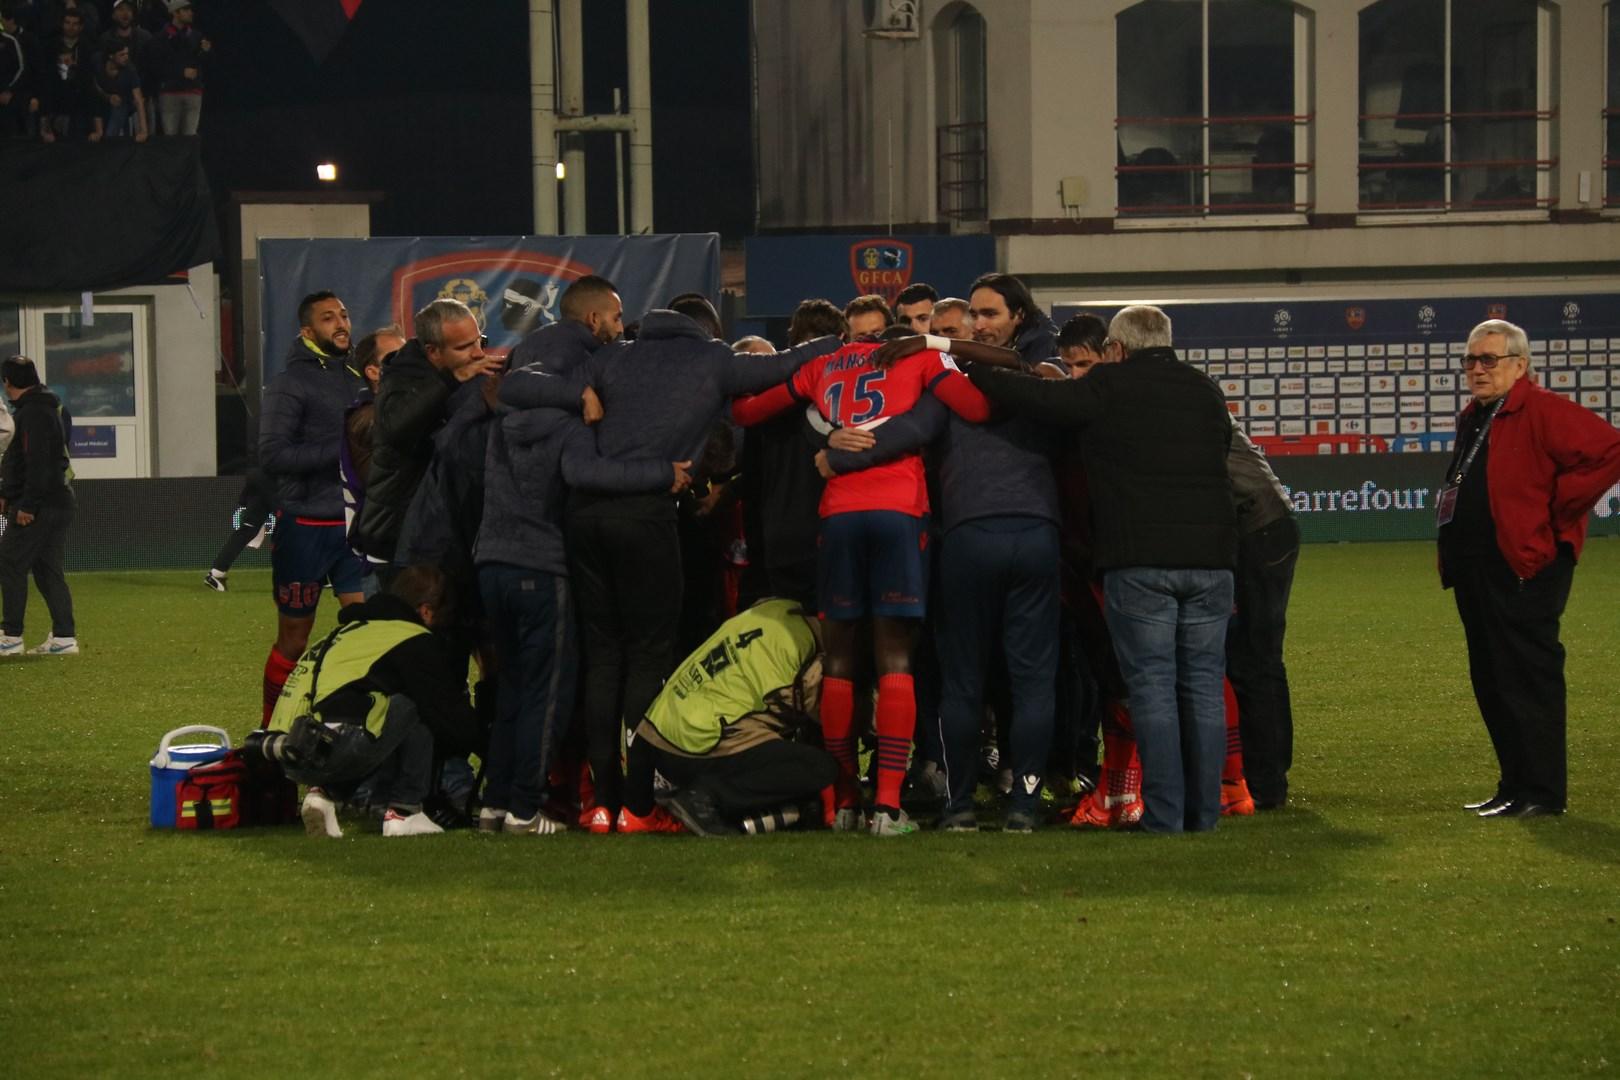 Moment d'intense émotion à Mezzavia : L'hommage des joueurs, du staff et des dirigeants à Frédéric Rossi